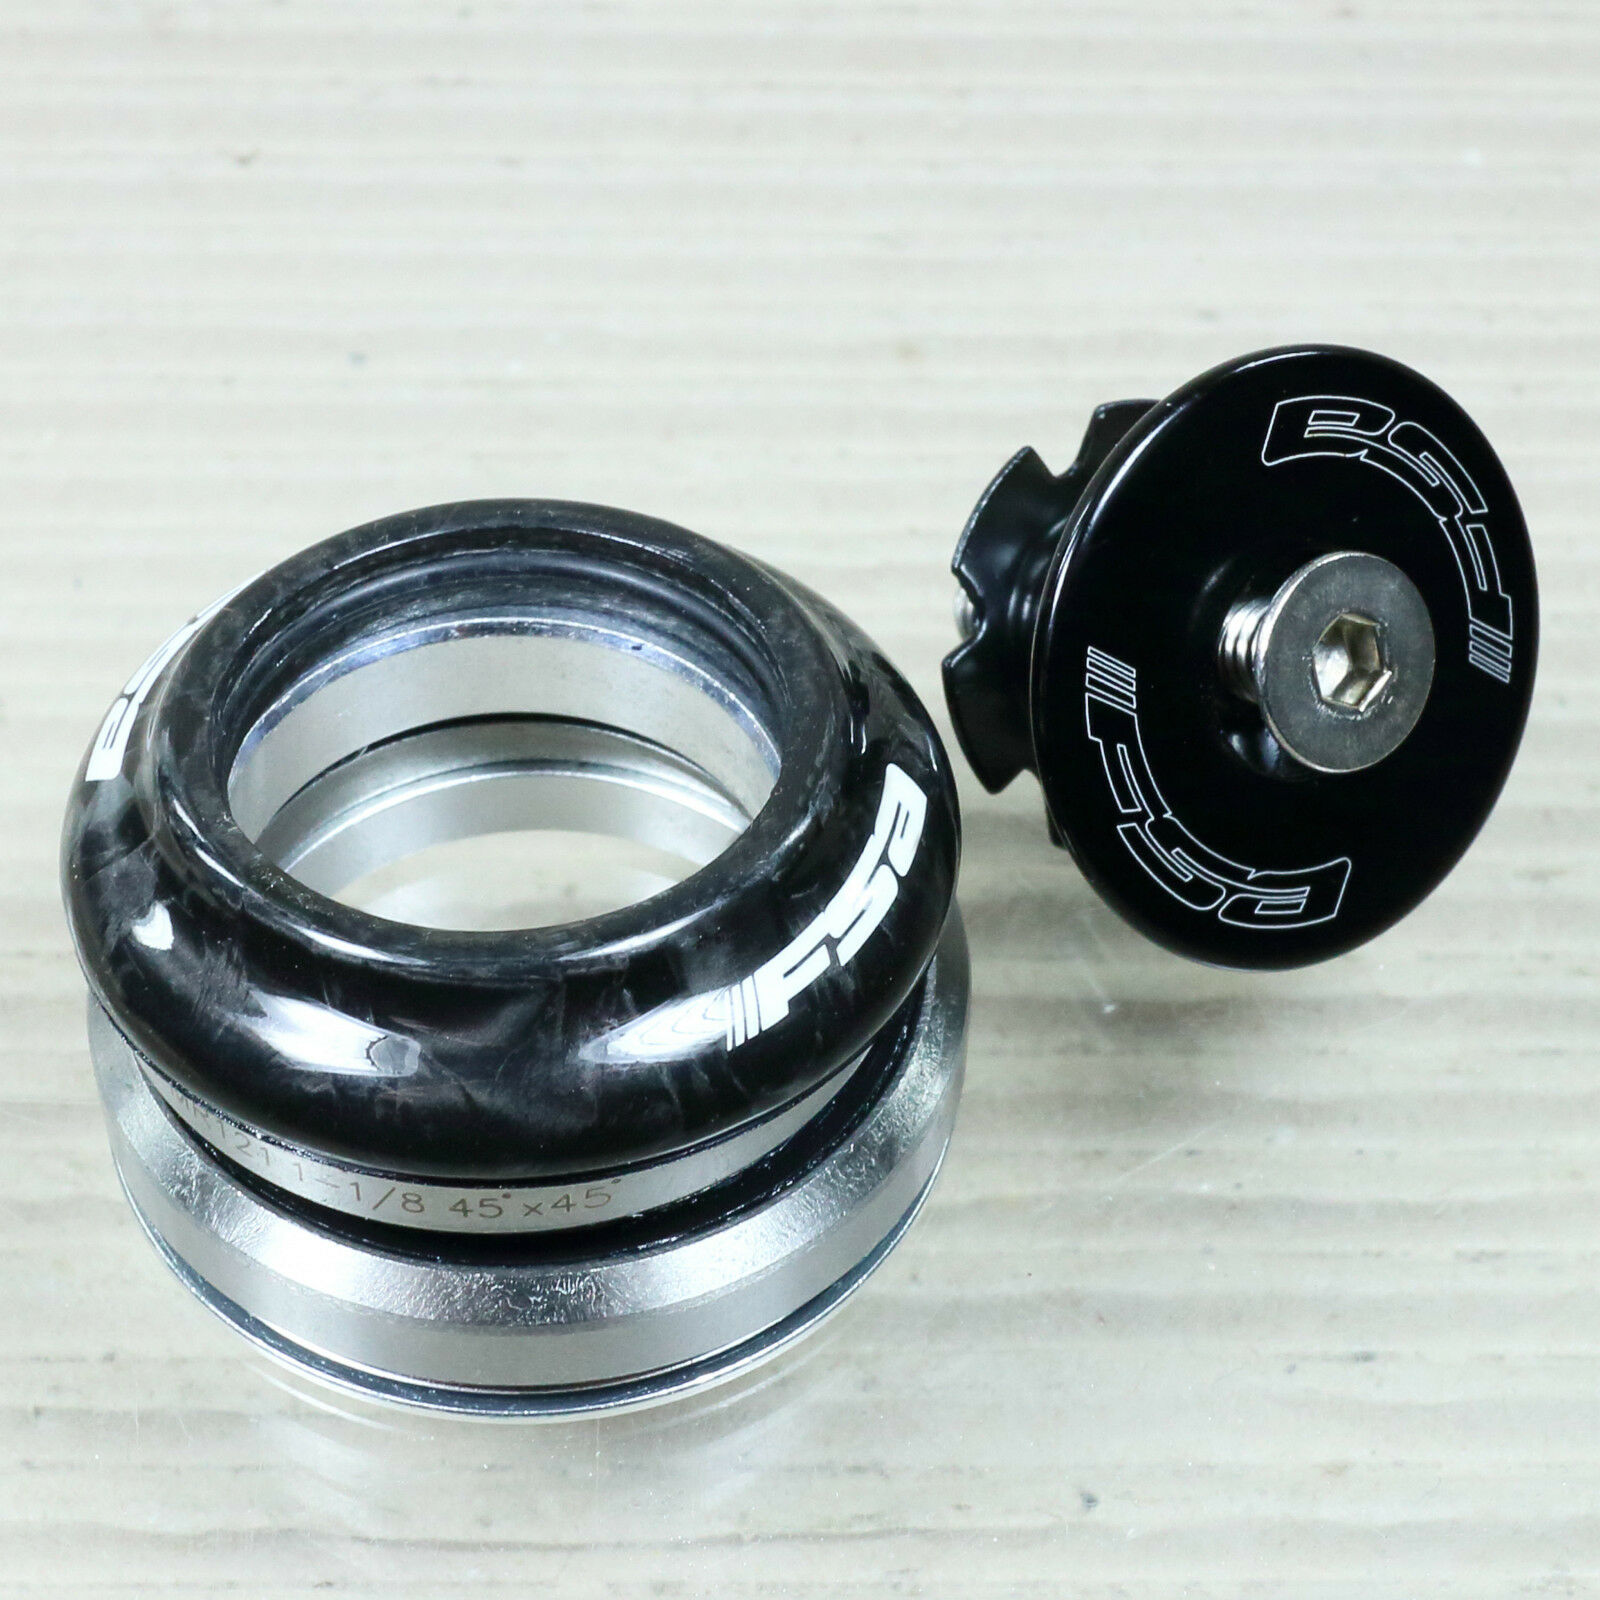 FSA Orbit C-33 Carbon STEUERSATZ 1 1 8    - 1 1 4  taperot integriert 45° (Campa) 1e8c6a